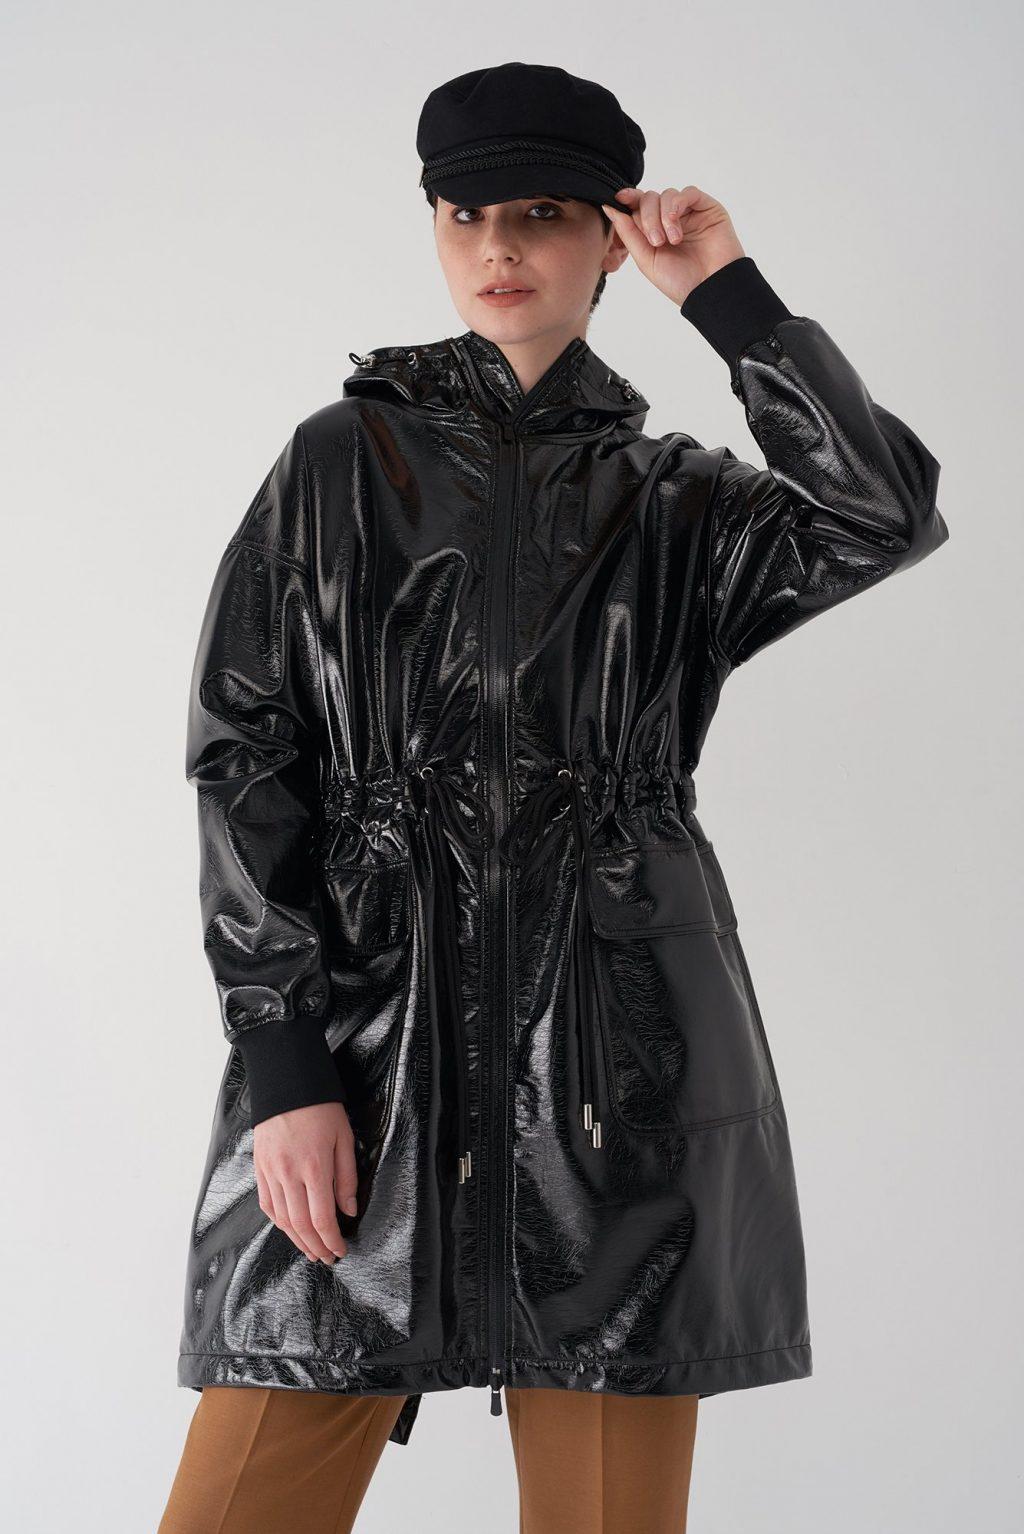 đồ da bóng áo khoác